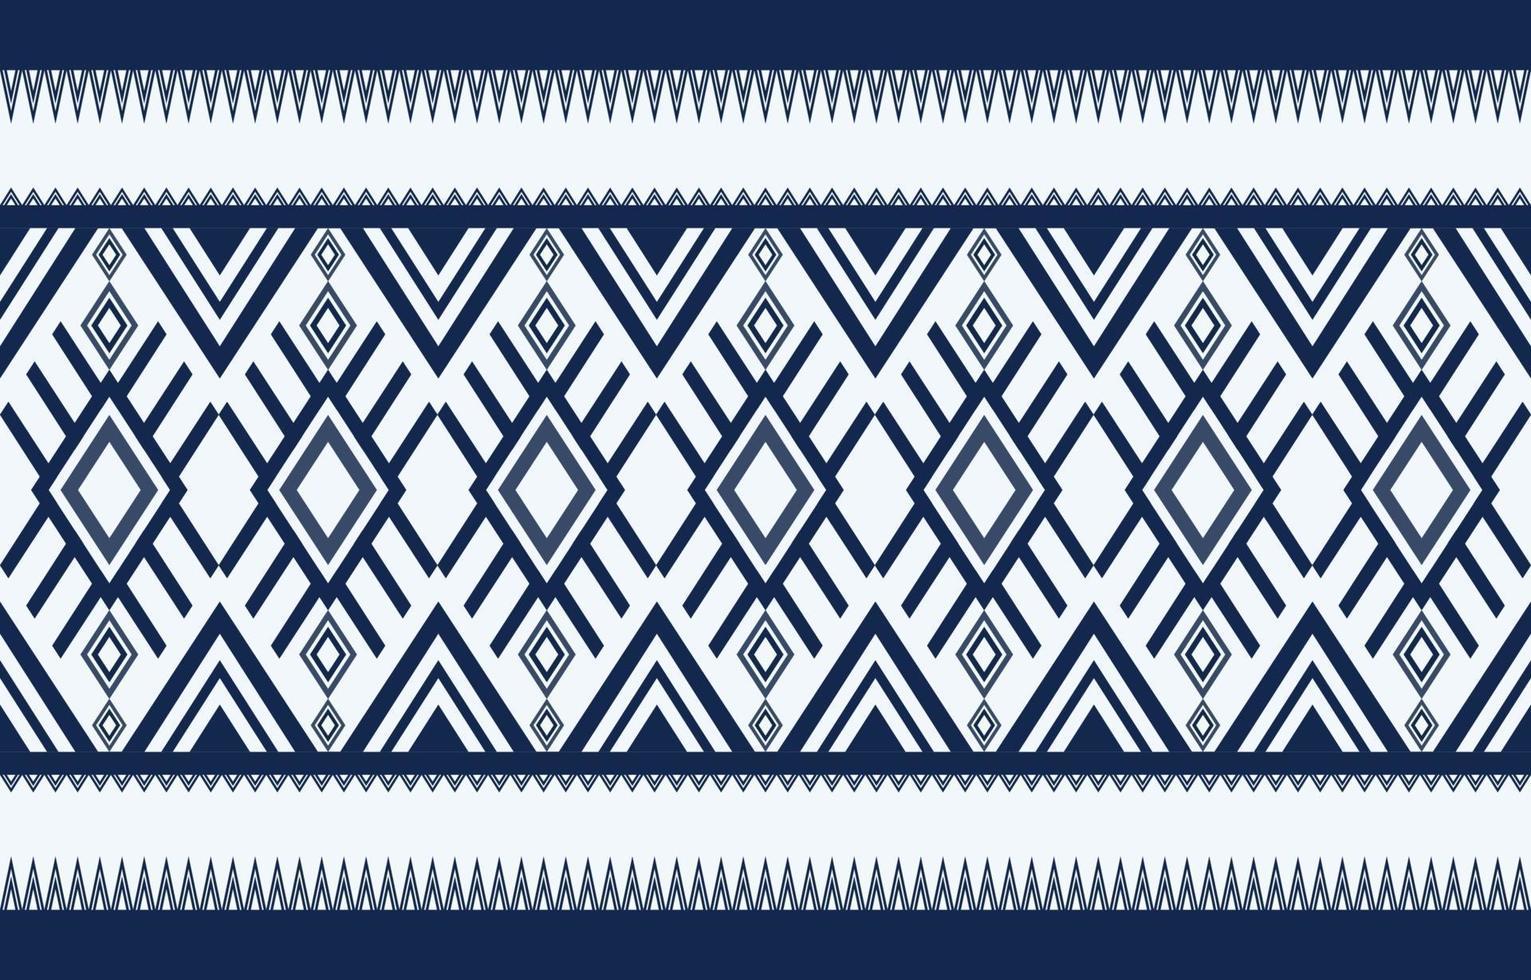 traditionelles Design des abstrakten ethnischen geometrischen ethnischen Musters für einen Hintergrund vektor